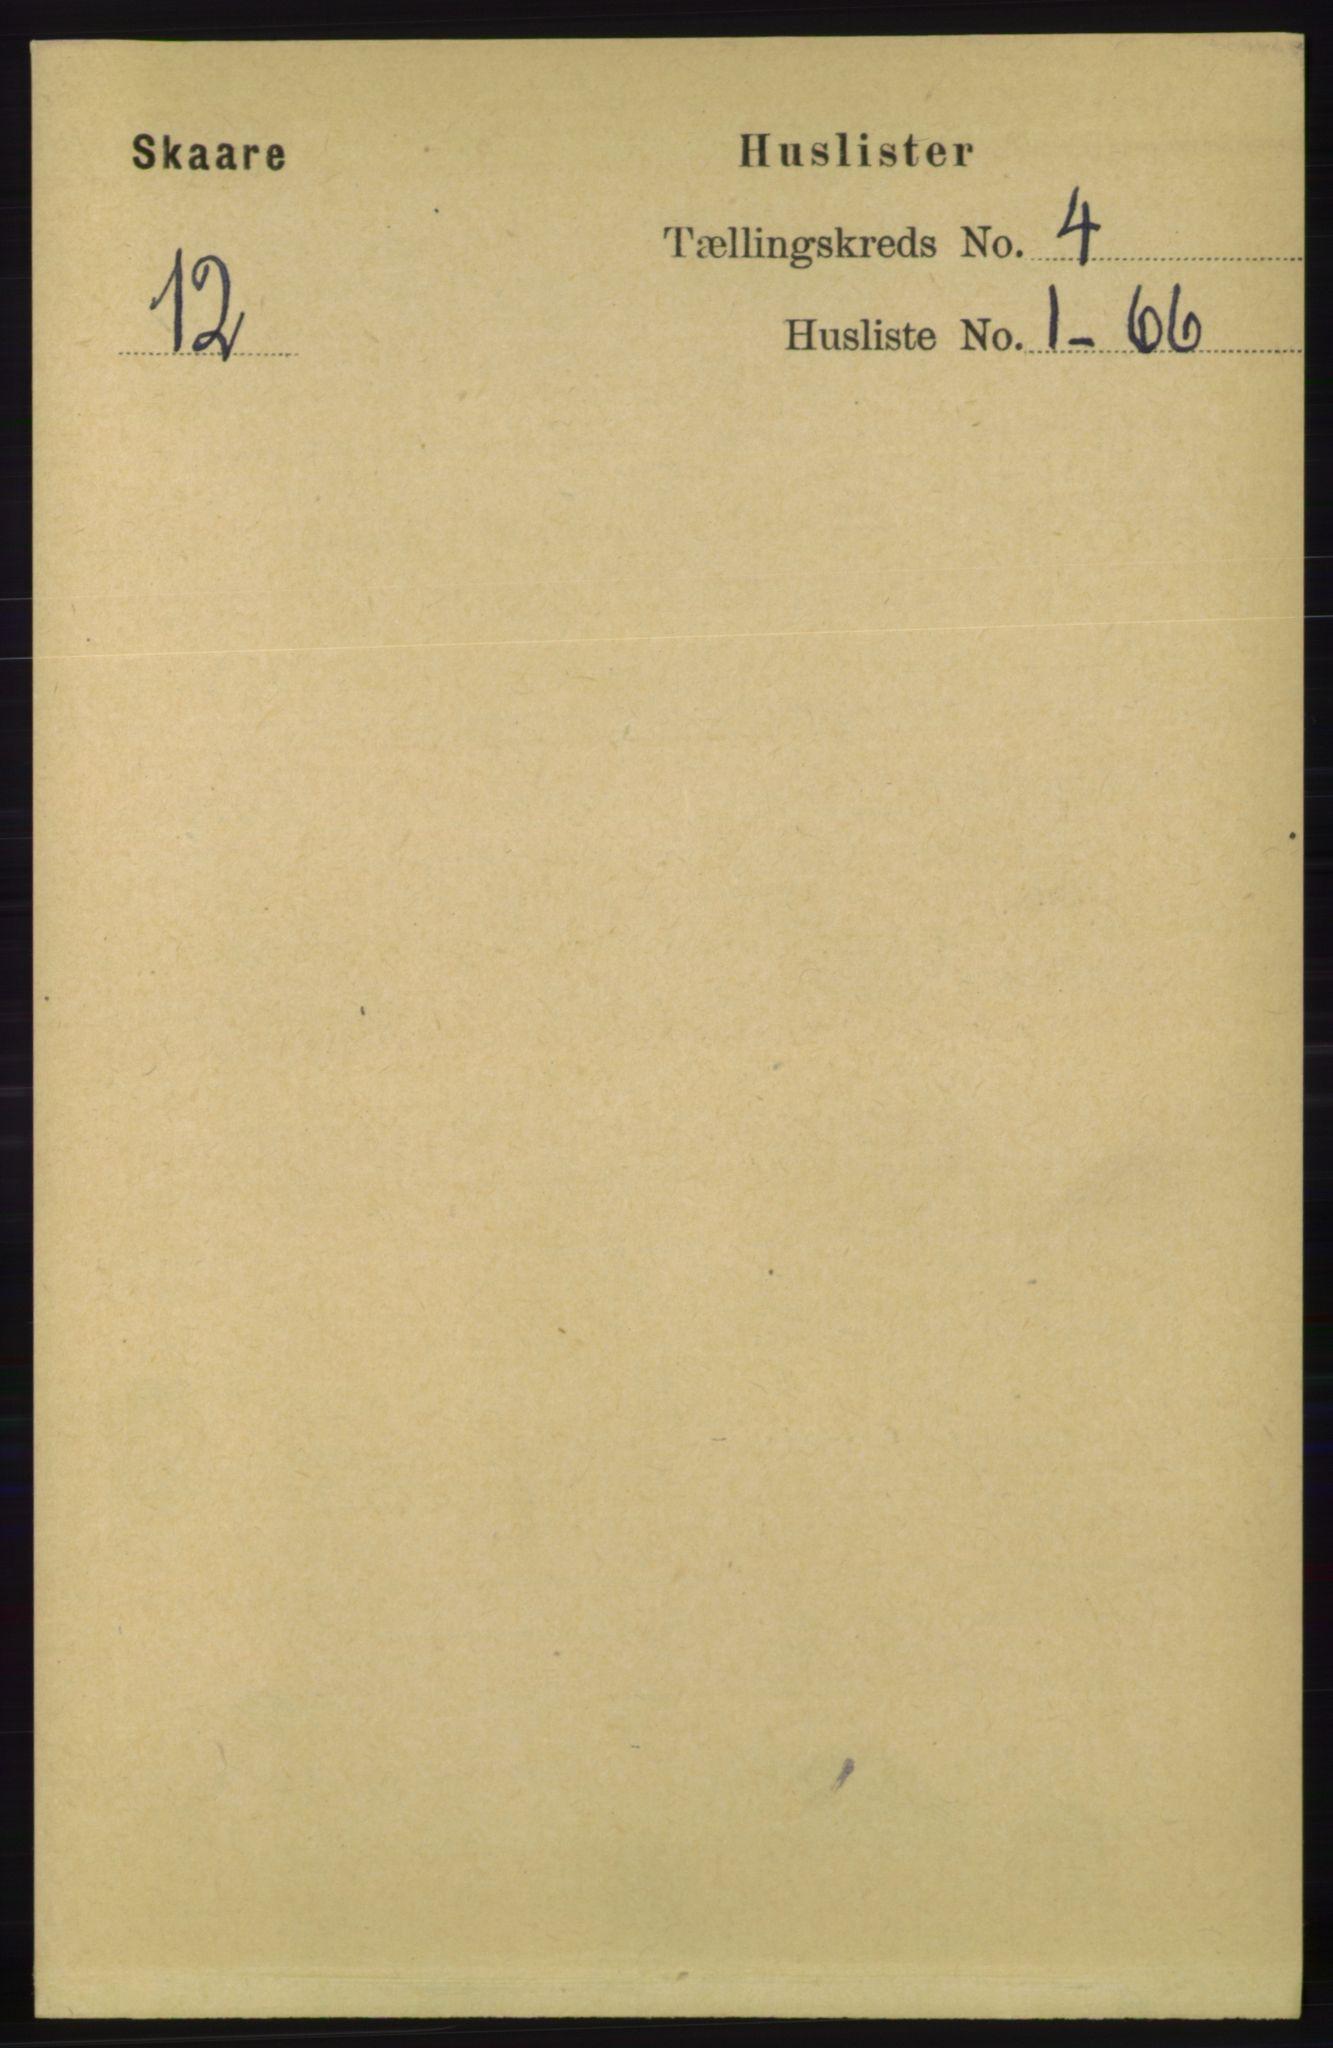 RA, Folketelling 1891 for 1153 Skåre herred, 1891, s. 1685